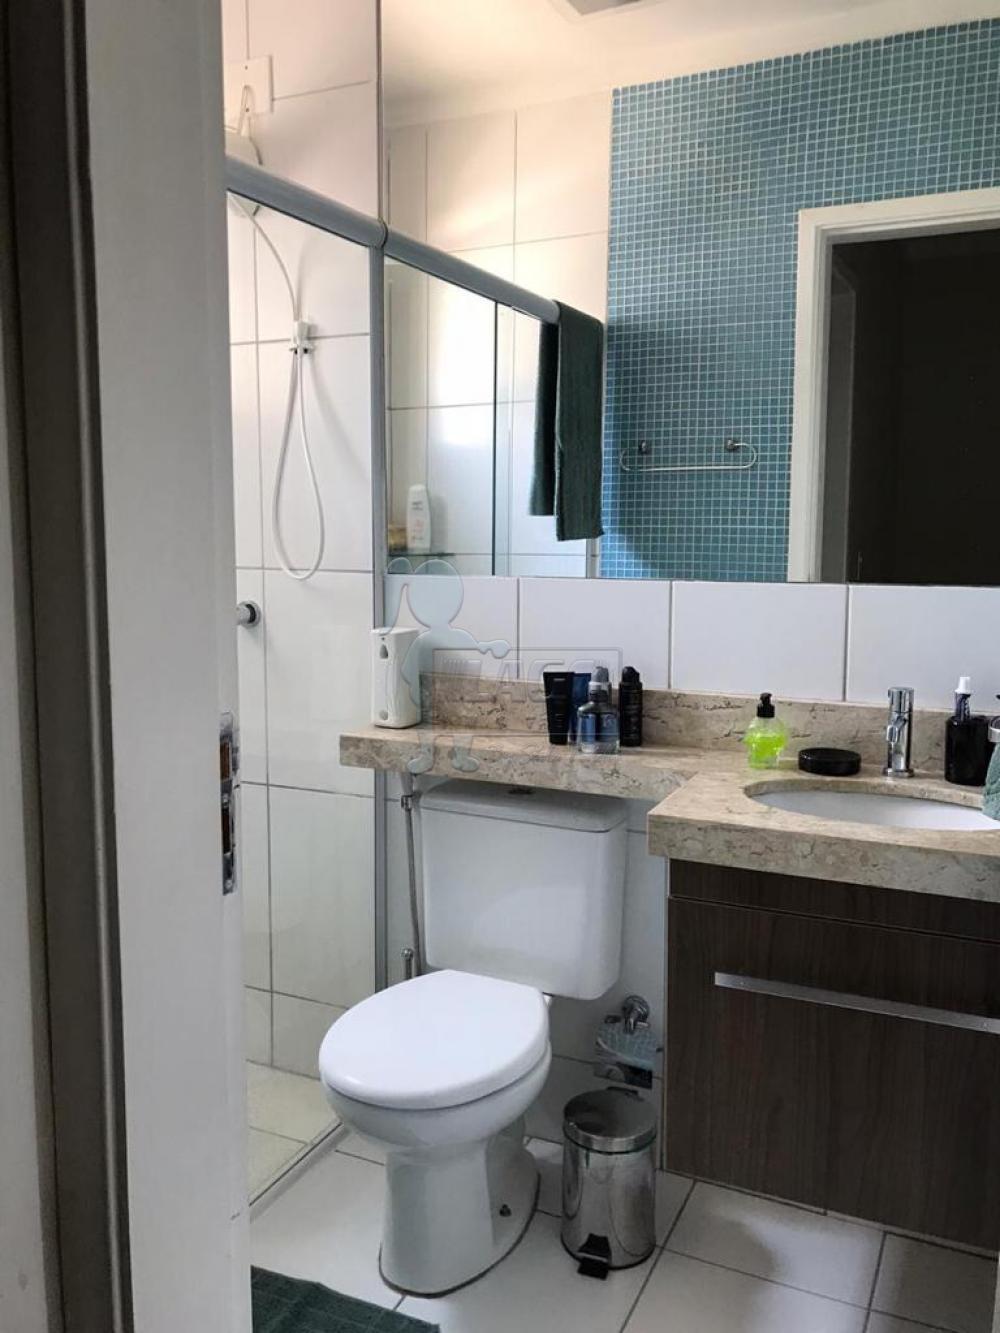 Comprar Casas / Condomínio em Ribeirão Preto apenas R$ 455.000,00 - Foto 24